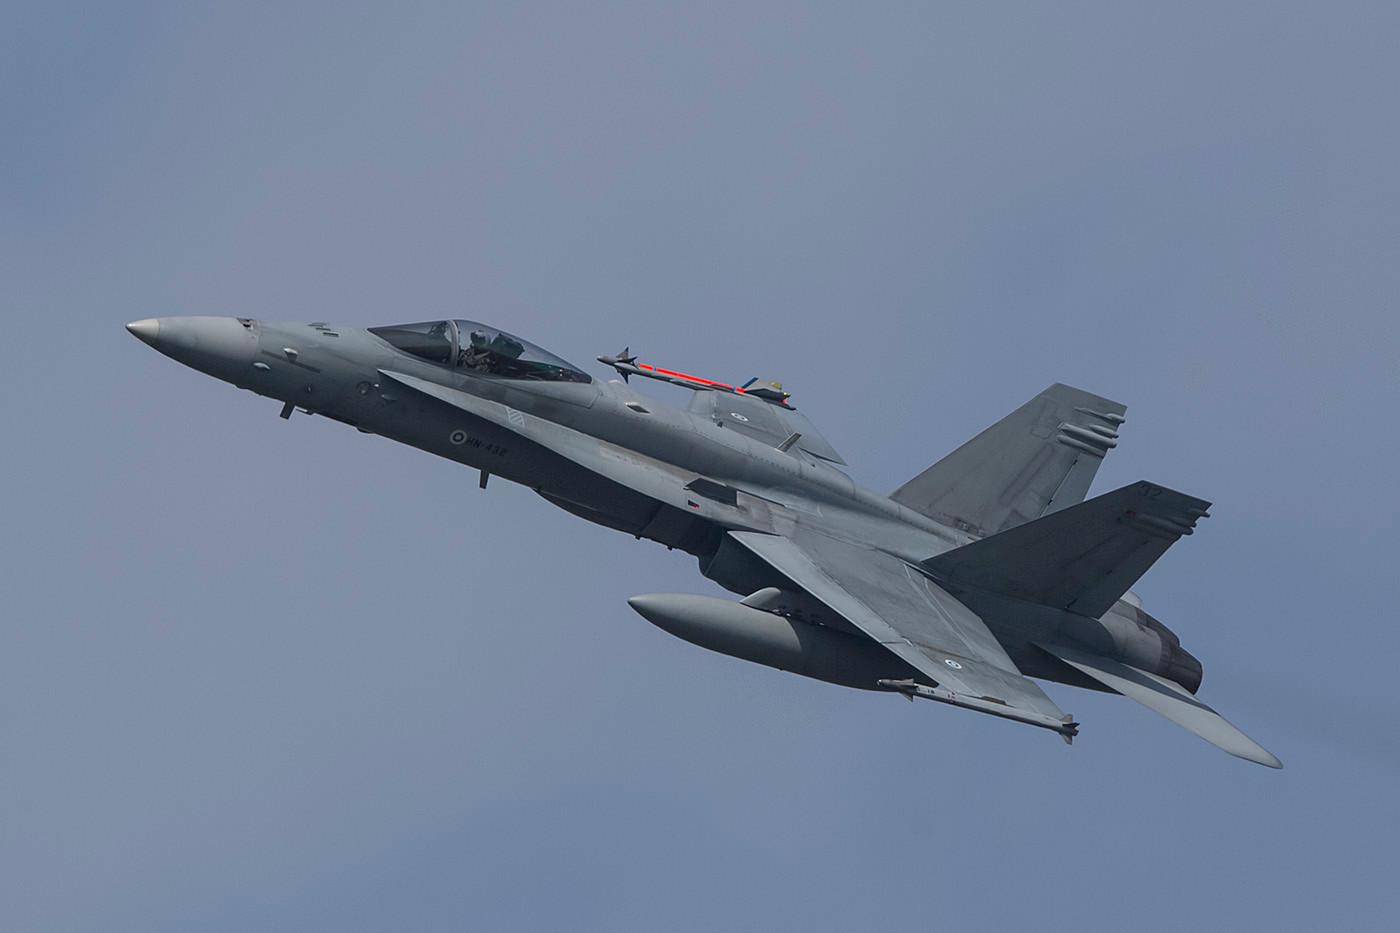 Finnische F-18 zu fotografieren ist nicht immer ein Vergnügen.